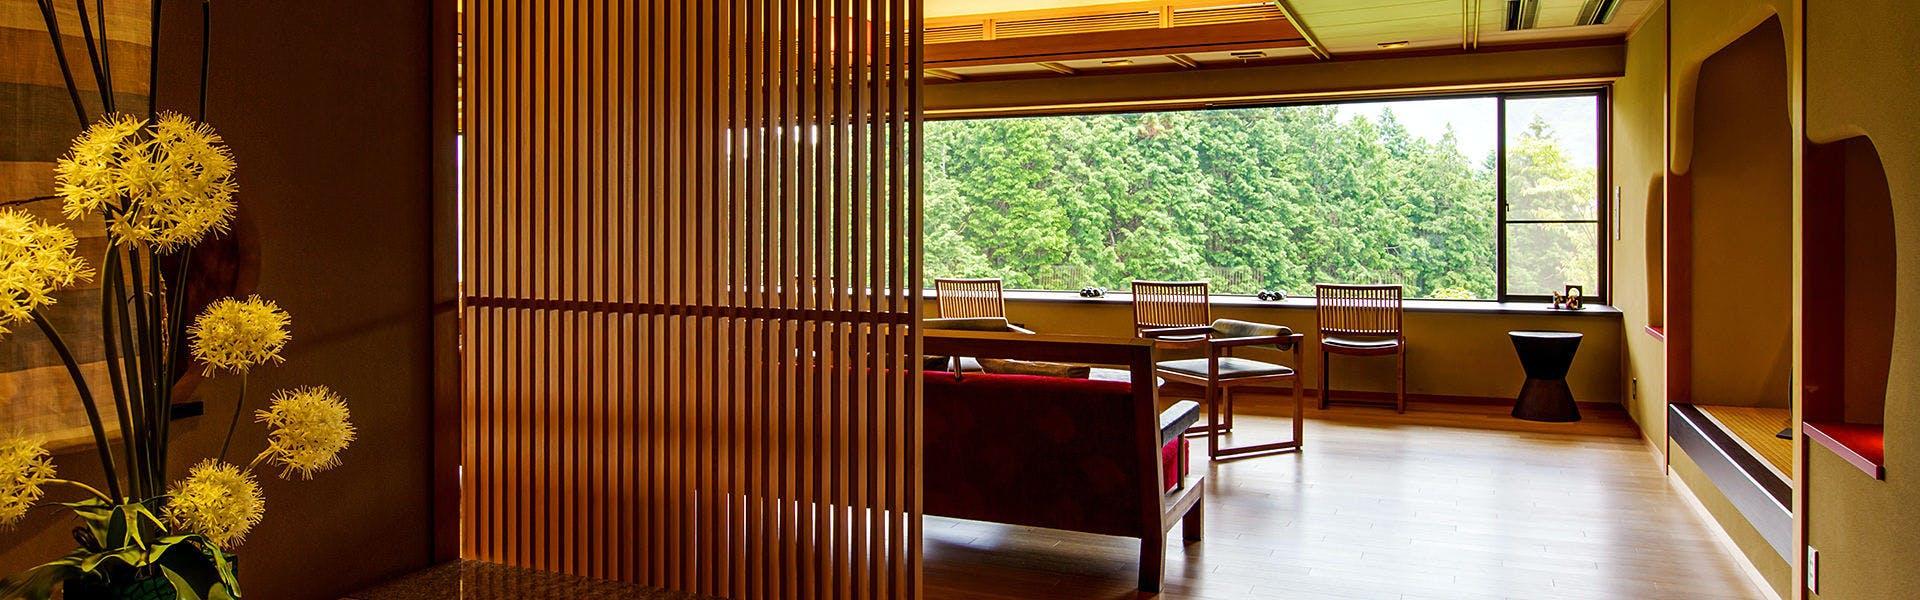 記念日におすすめのホテル・箱根芦ノ湖温泉 和心亭 豊月の写真1